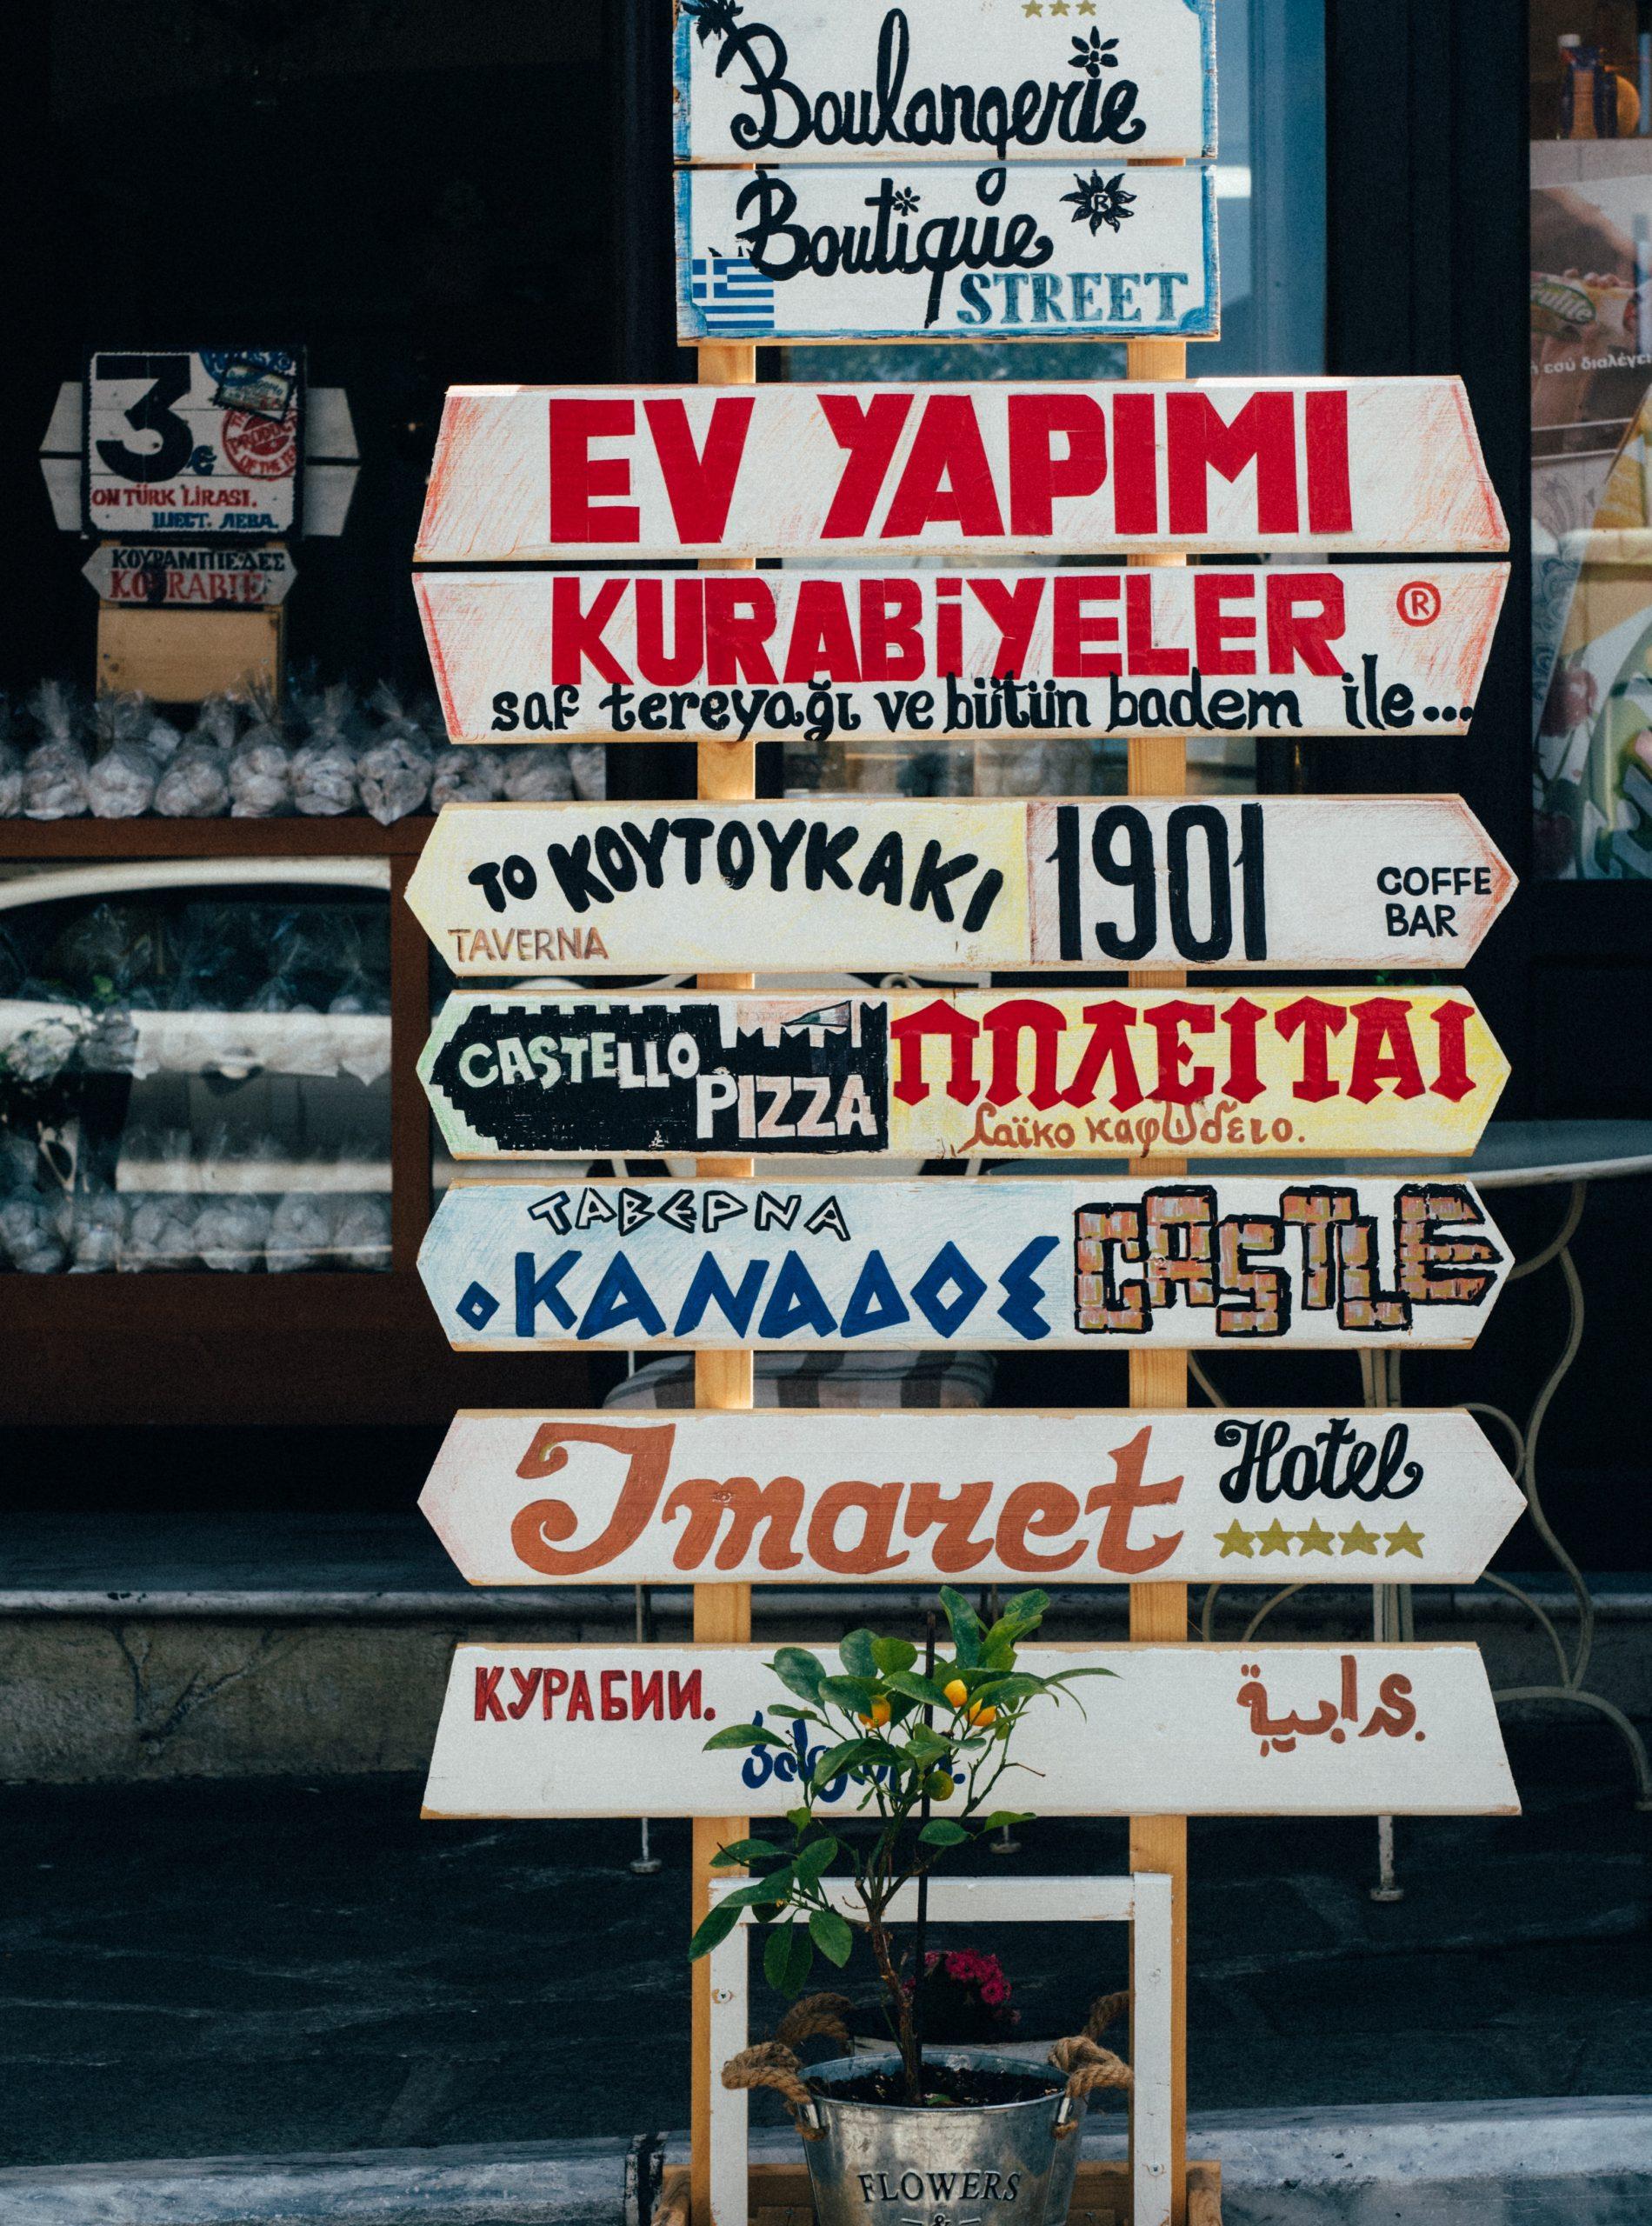 panneaux langues étrangères